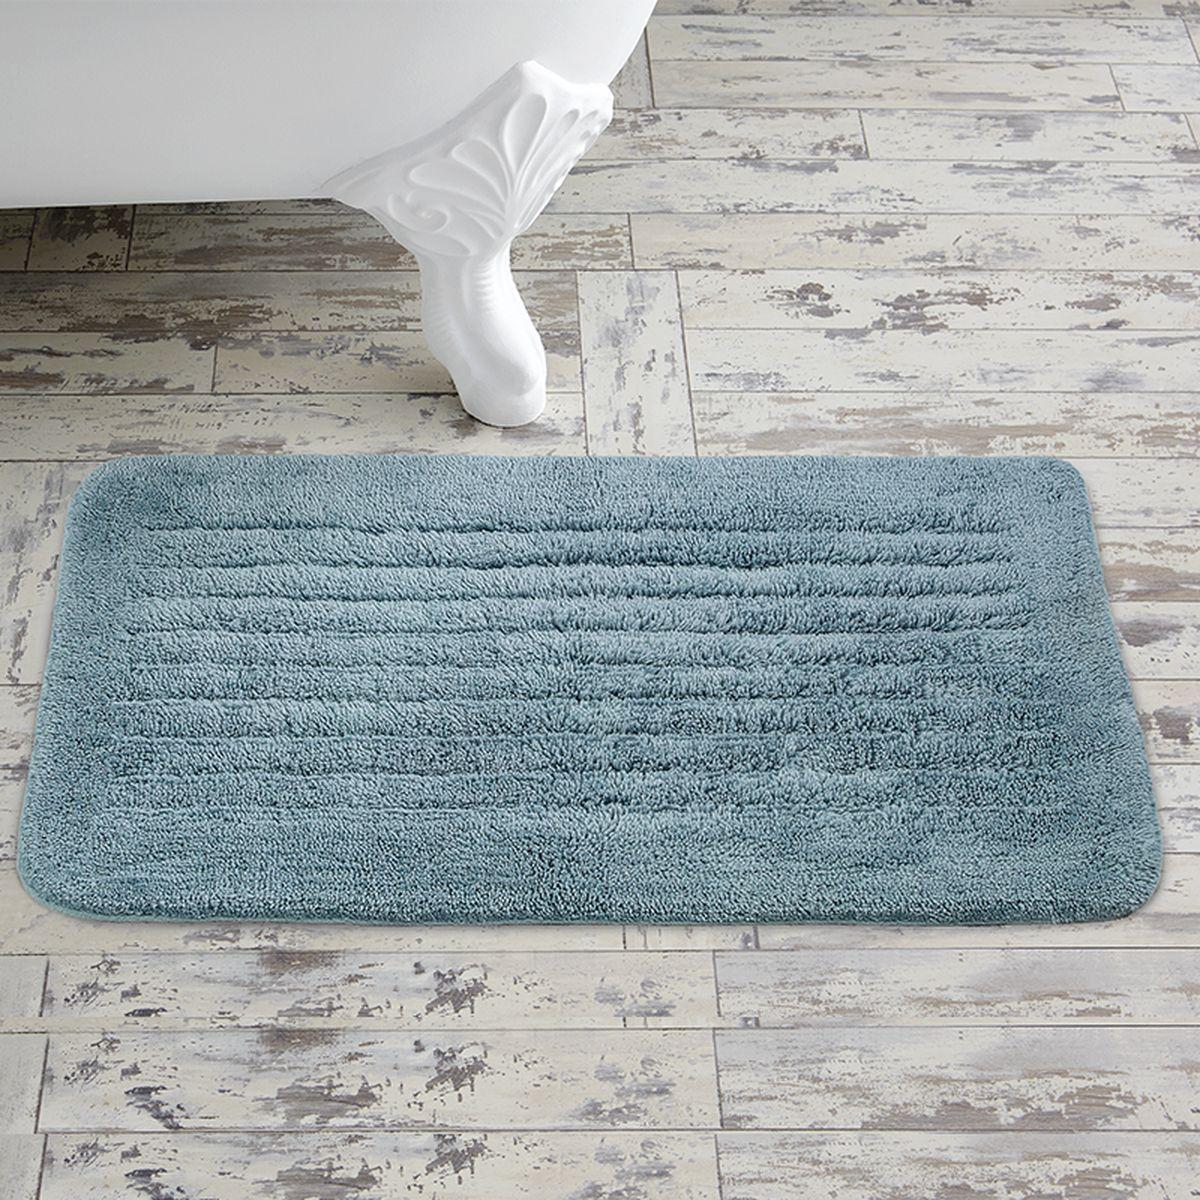 Коврик для ванной Togas Аква, 50 х 80 см391602Коврик для ванной Togas Аква выполнен из натурального 100% хлопка. Элегантный дизайн, исключительная мягкость и прочность хлопковых нитей, использованных для изготовления этого изделия делают его неподражаемым. Коврик для ванной Togas Аква прост в уходе, обладает высокой степенью впитываемости, не образует катышков даже после многократных стирок, что подтверждается его внешней эластичностью и гладкостью.